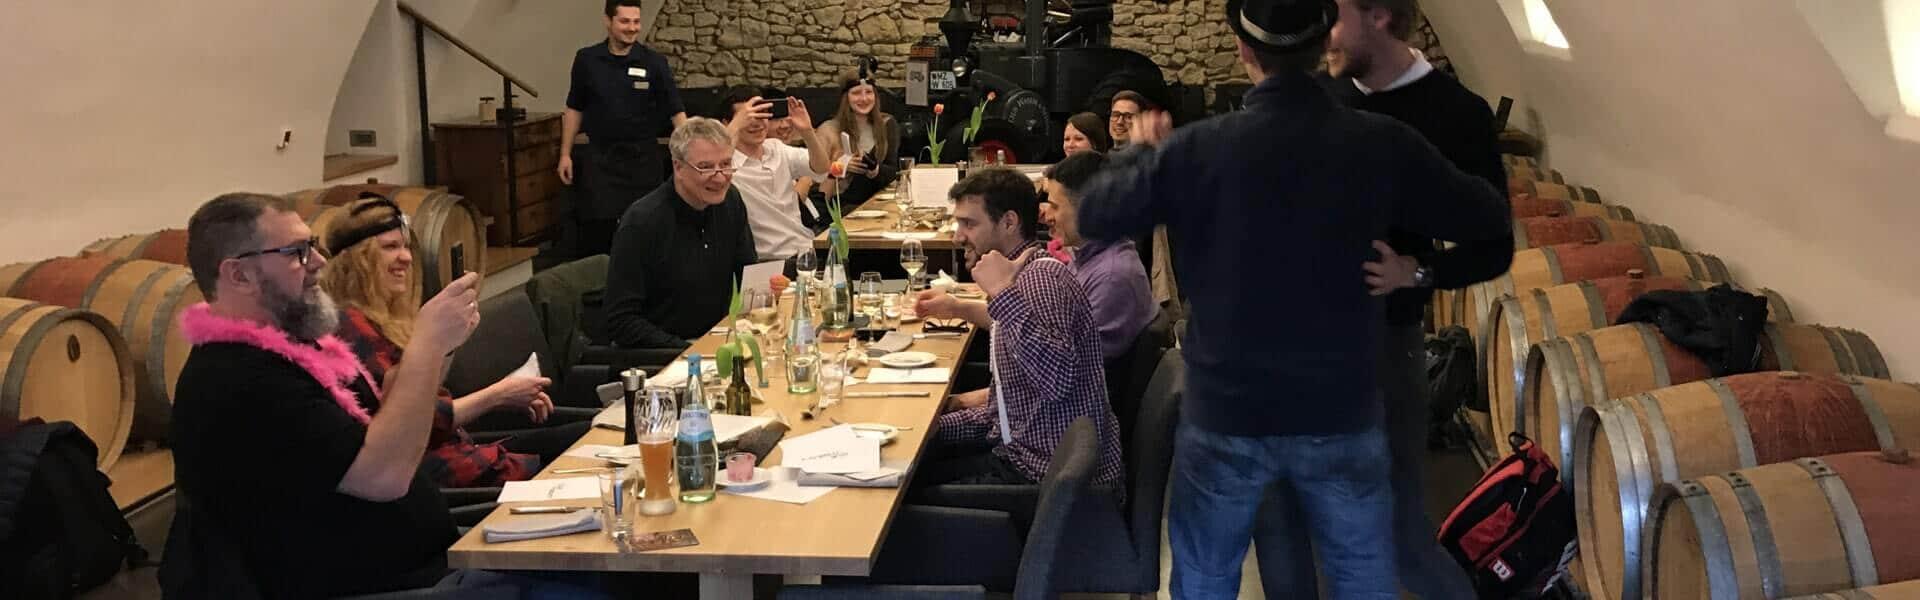 Krimi Rollenspiel mit Dinner zur Weihnachtsfeier | b-ceed: events